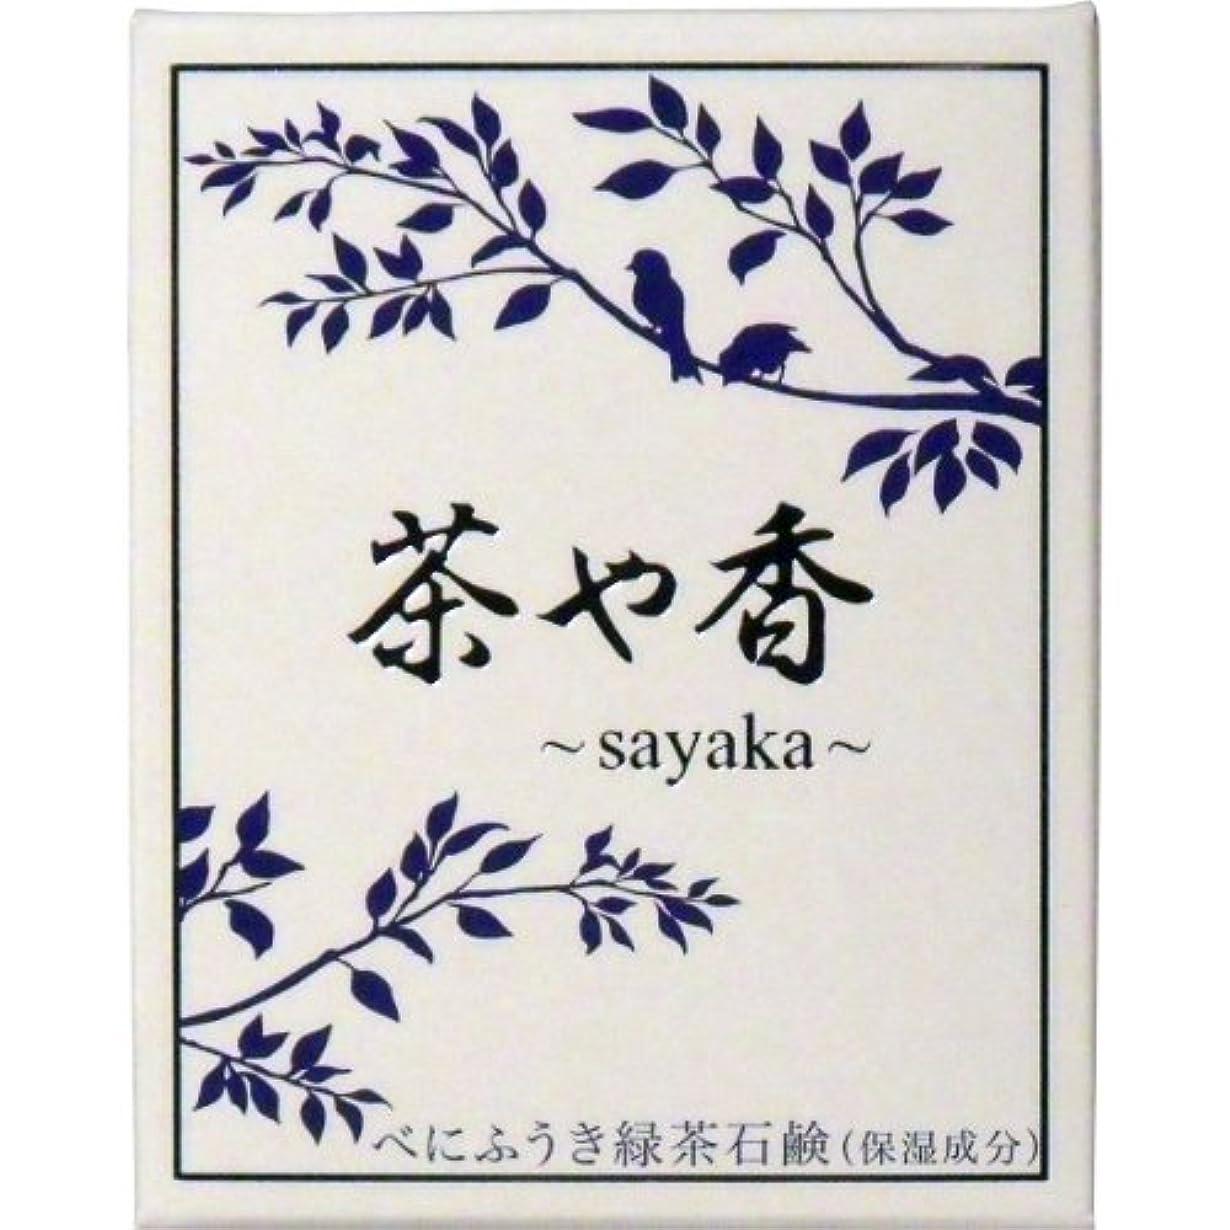 頬骨協力する司令官茶や香 -sayaka- べにふうき緑茶石鹸 100g入 ×6個セット